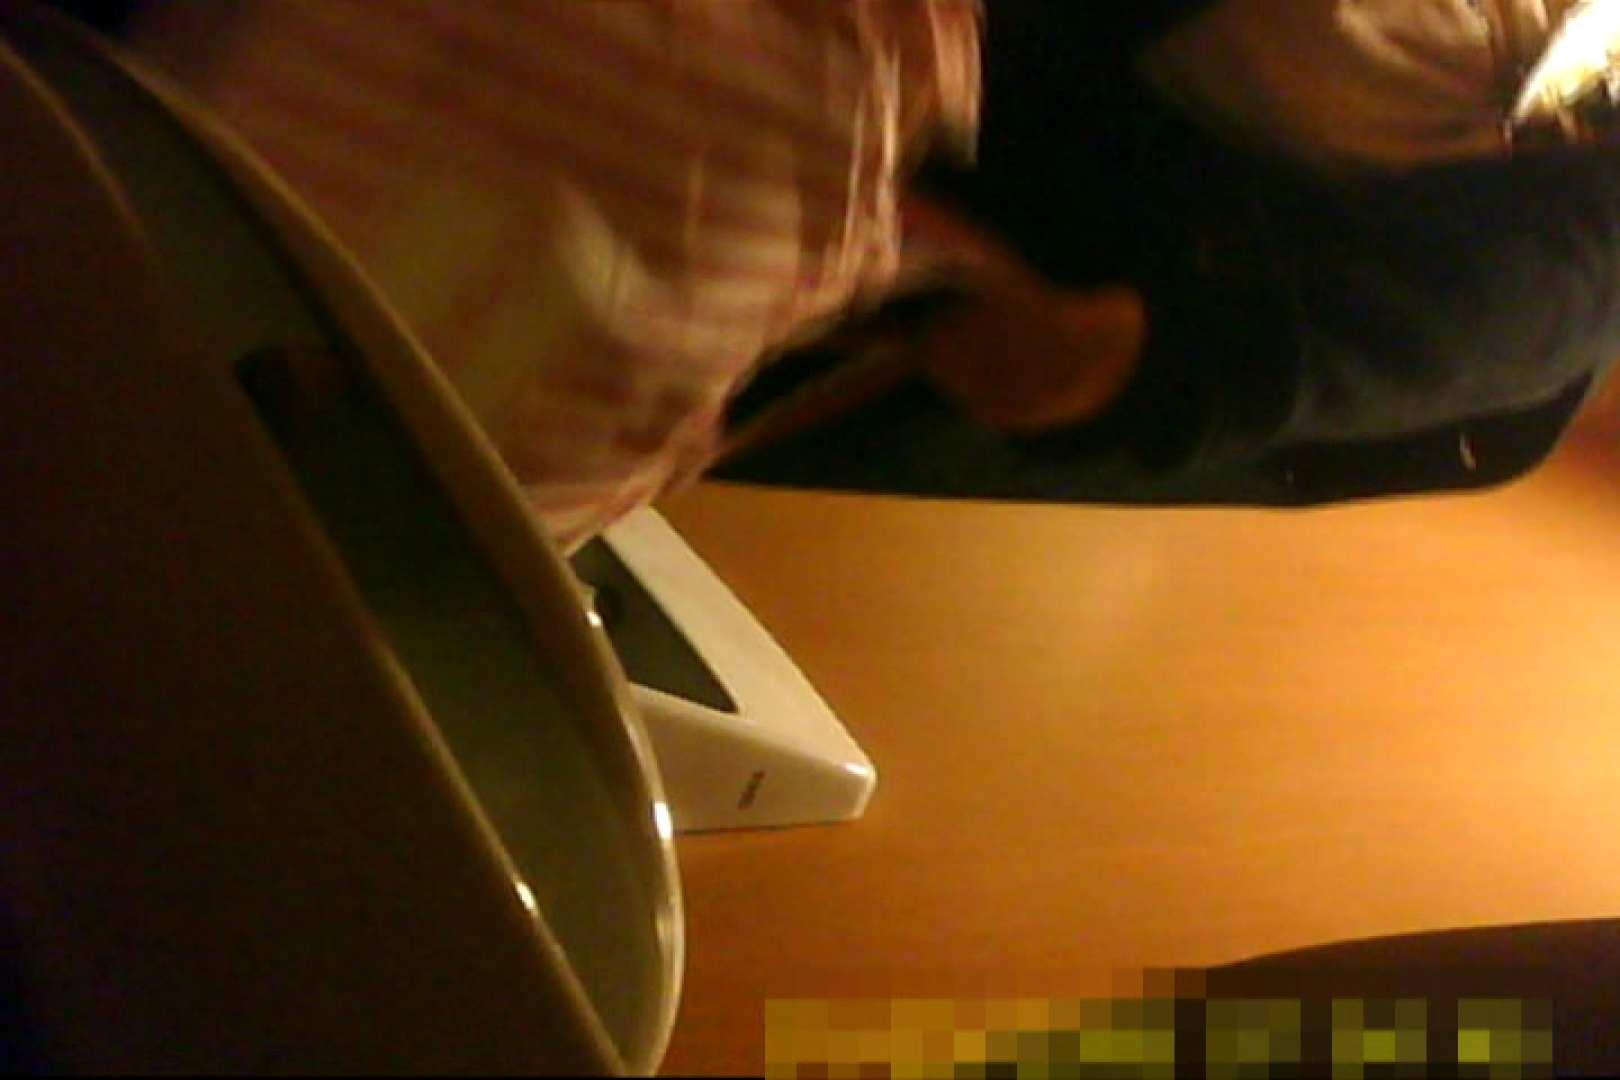 魅惑の化粧室~禁断のプライベート空間~13 お姉さん AV無料 108枚 65